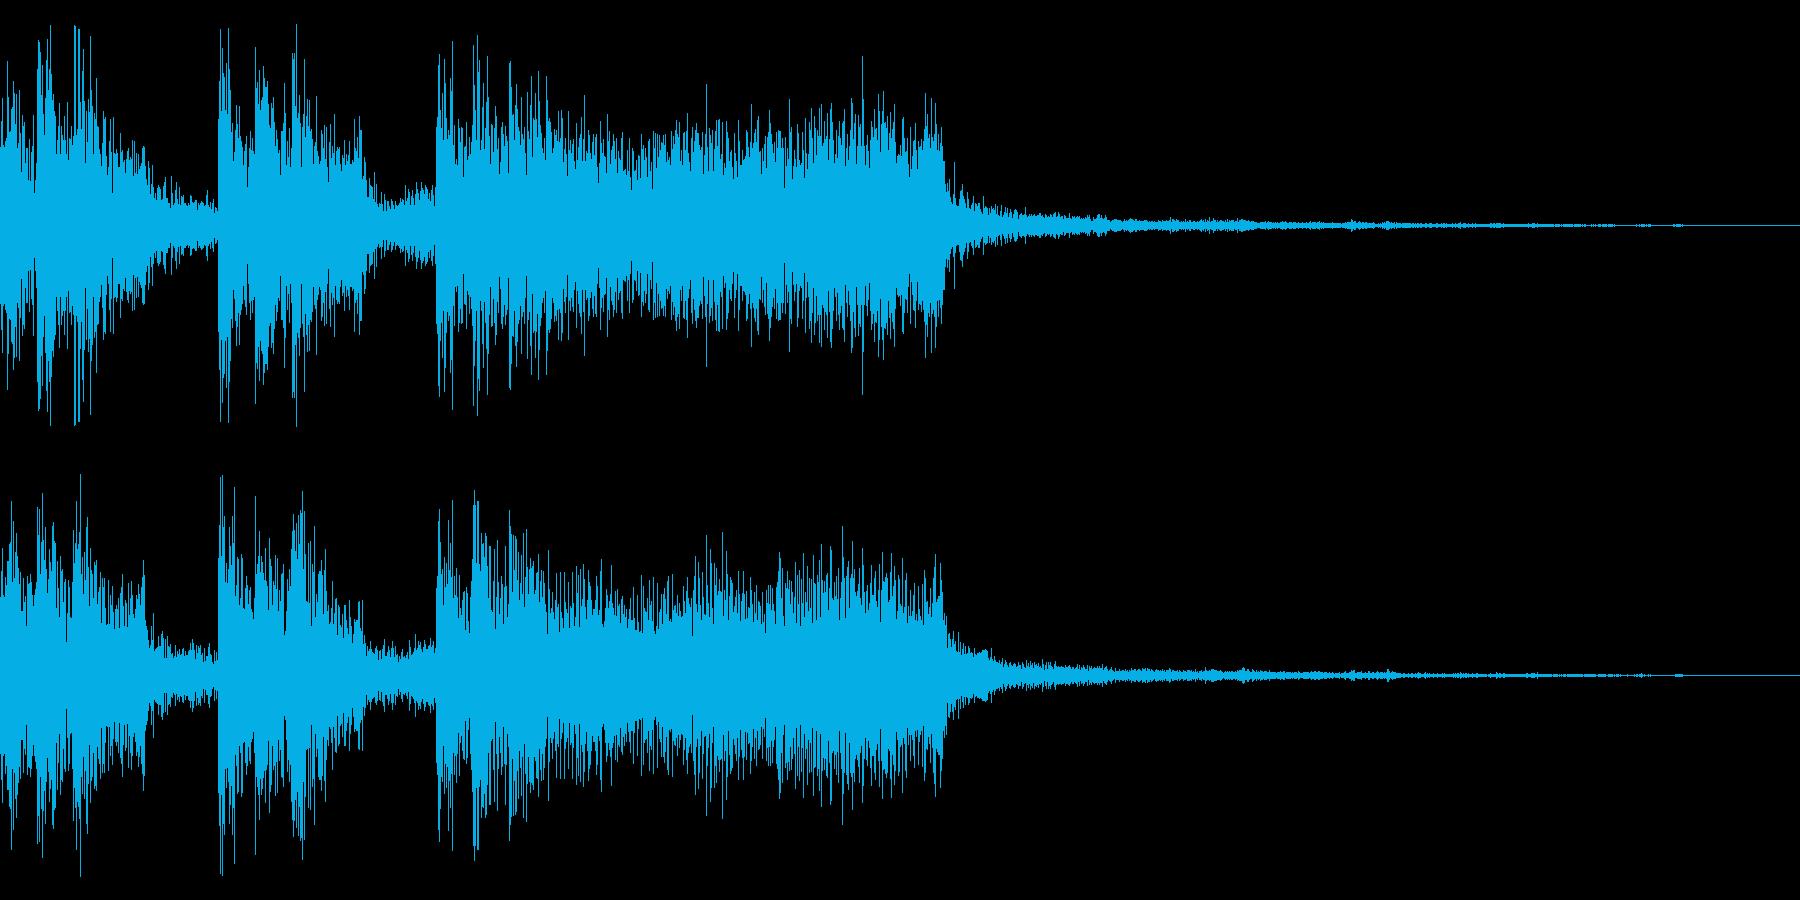 レトロゲーム風のクールなジングルの再生済みの波形